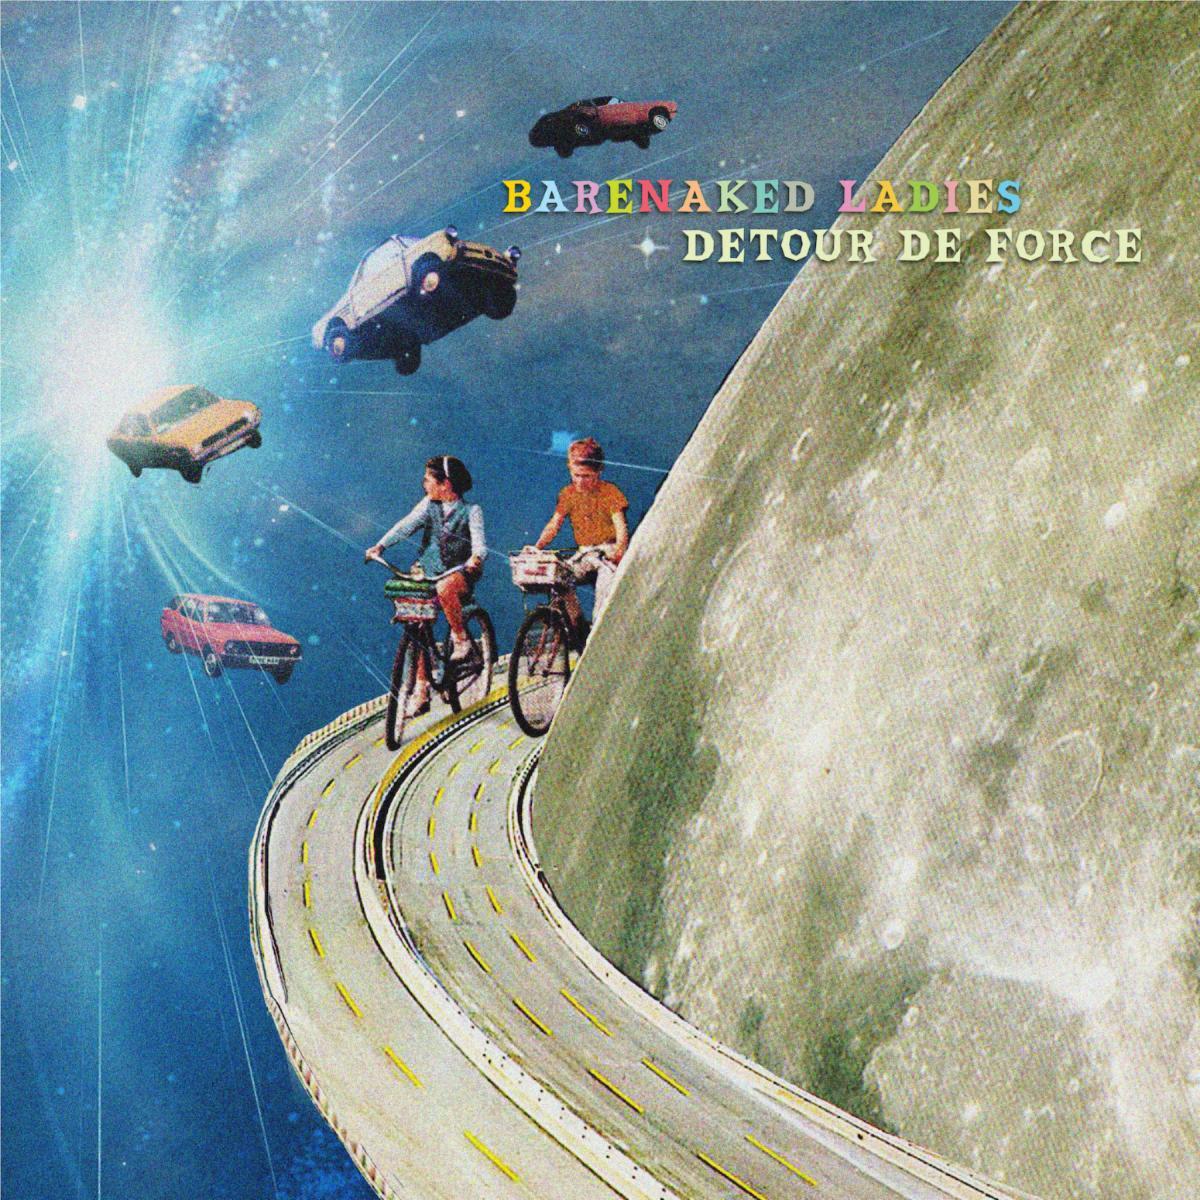 Barenaked Ladies new album 'Detour de Force' 2021 cover art